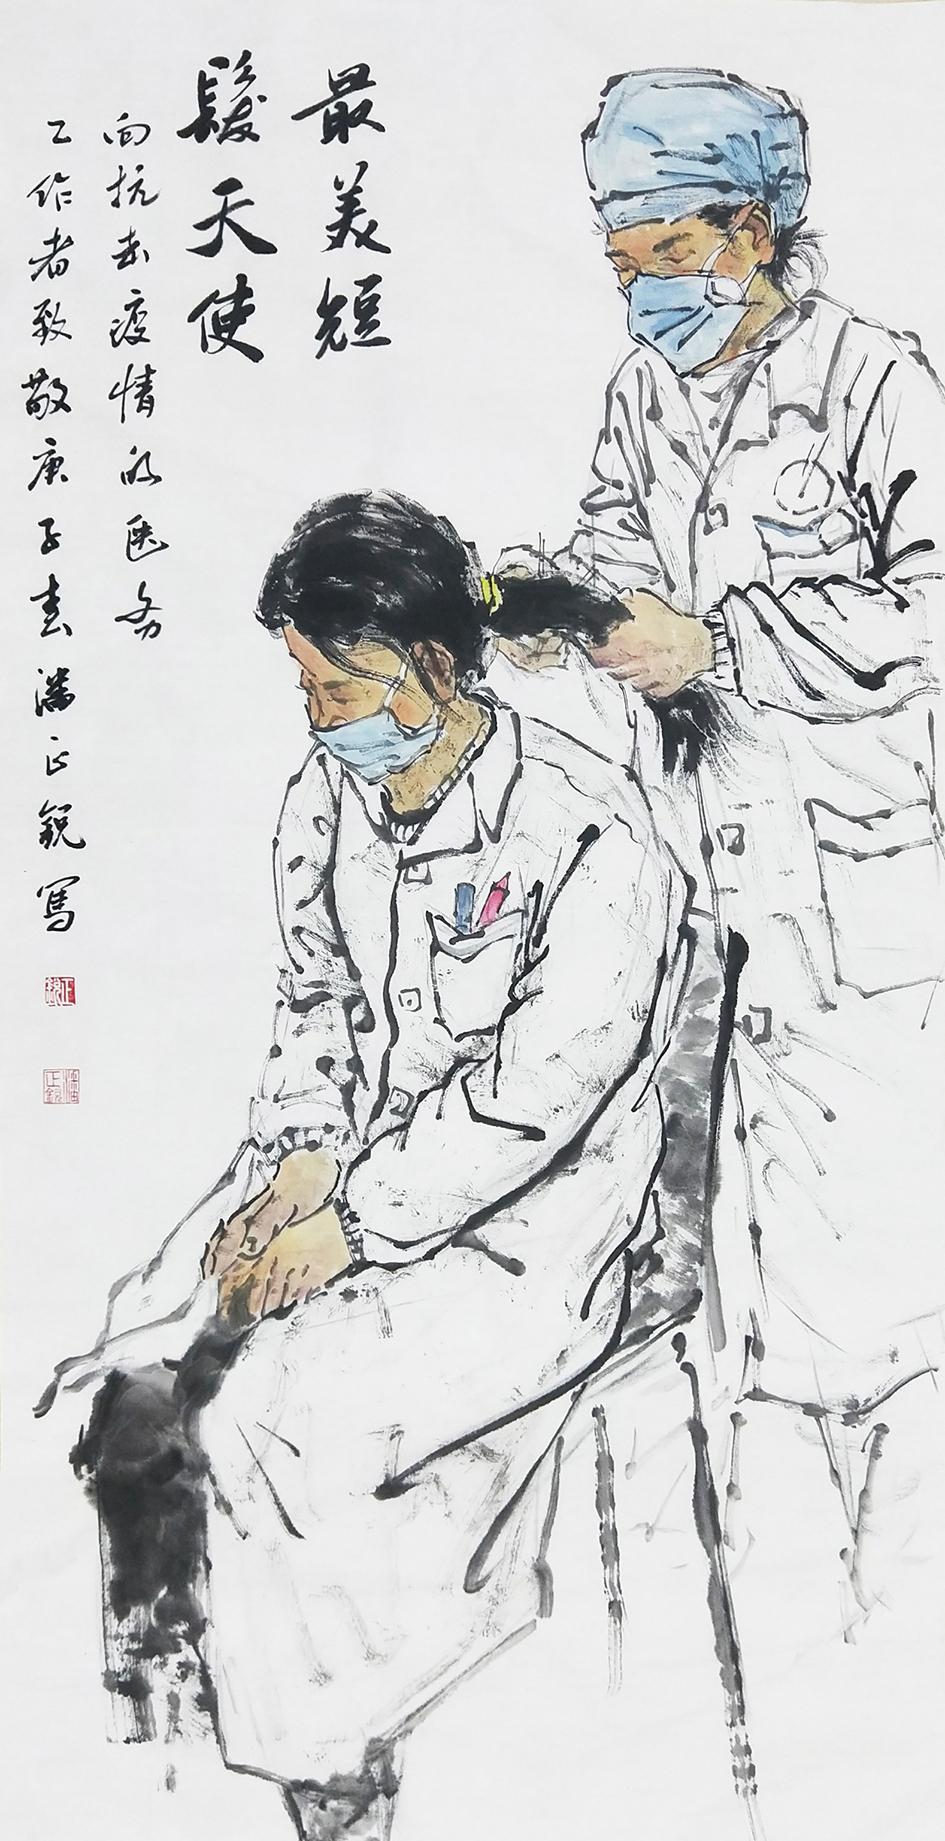 潘正锐_中国画__最美短发天使